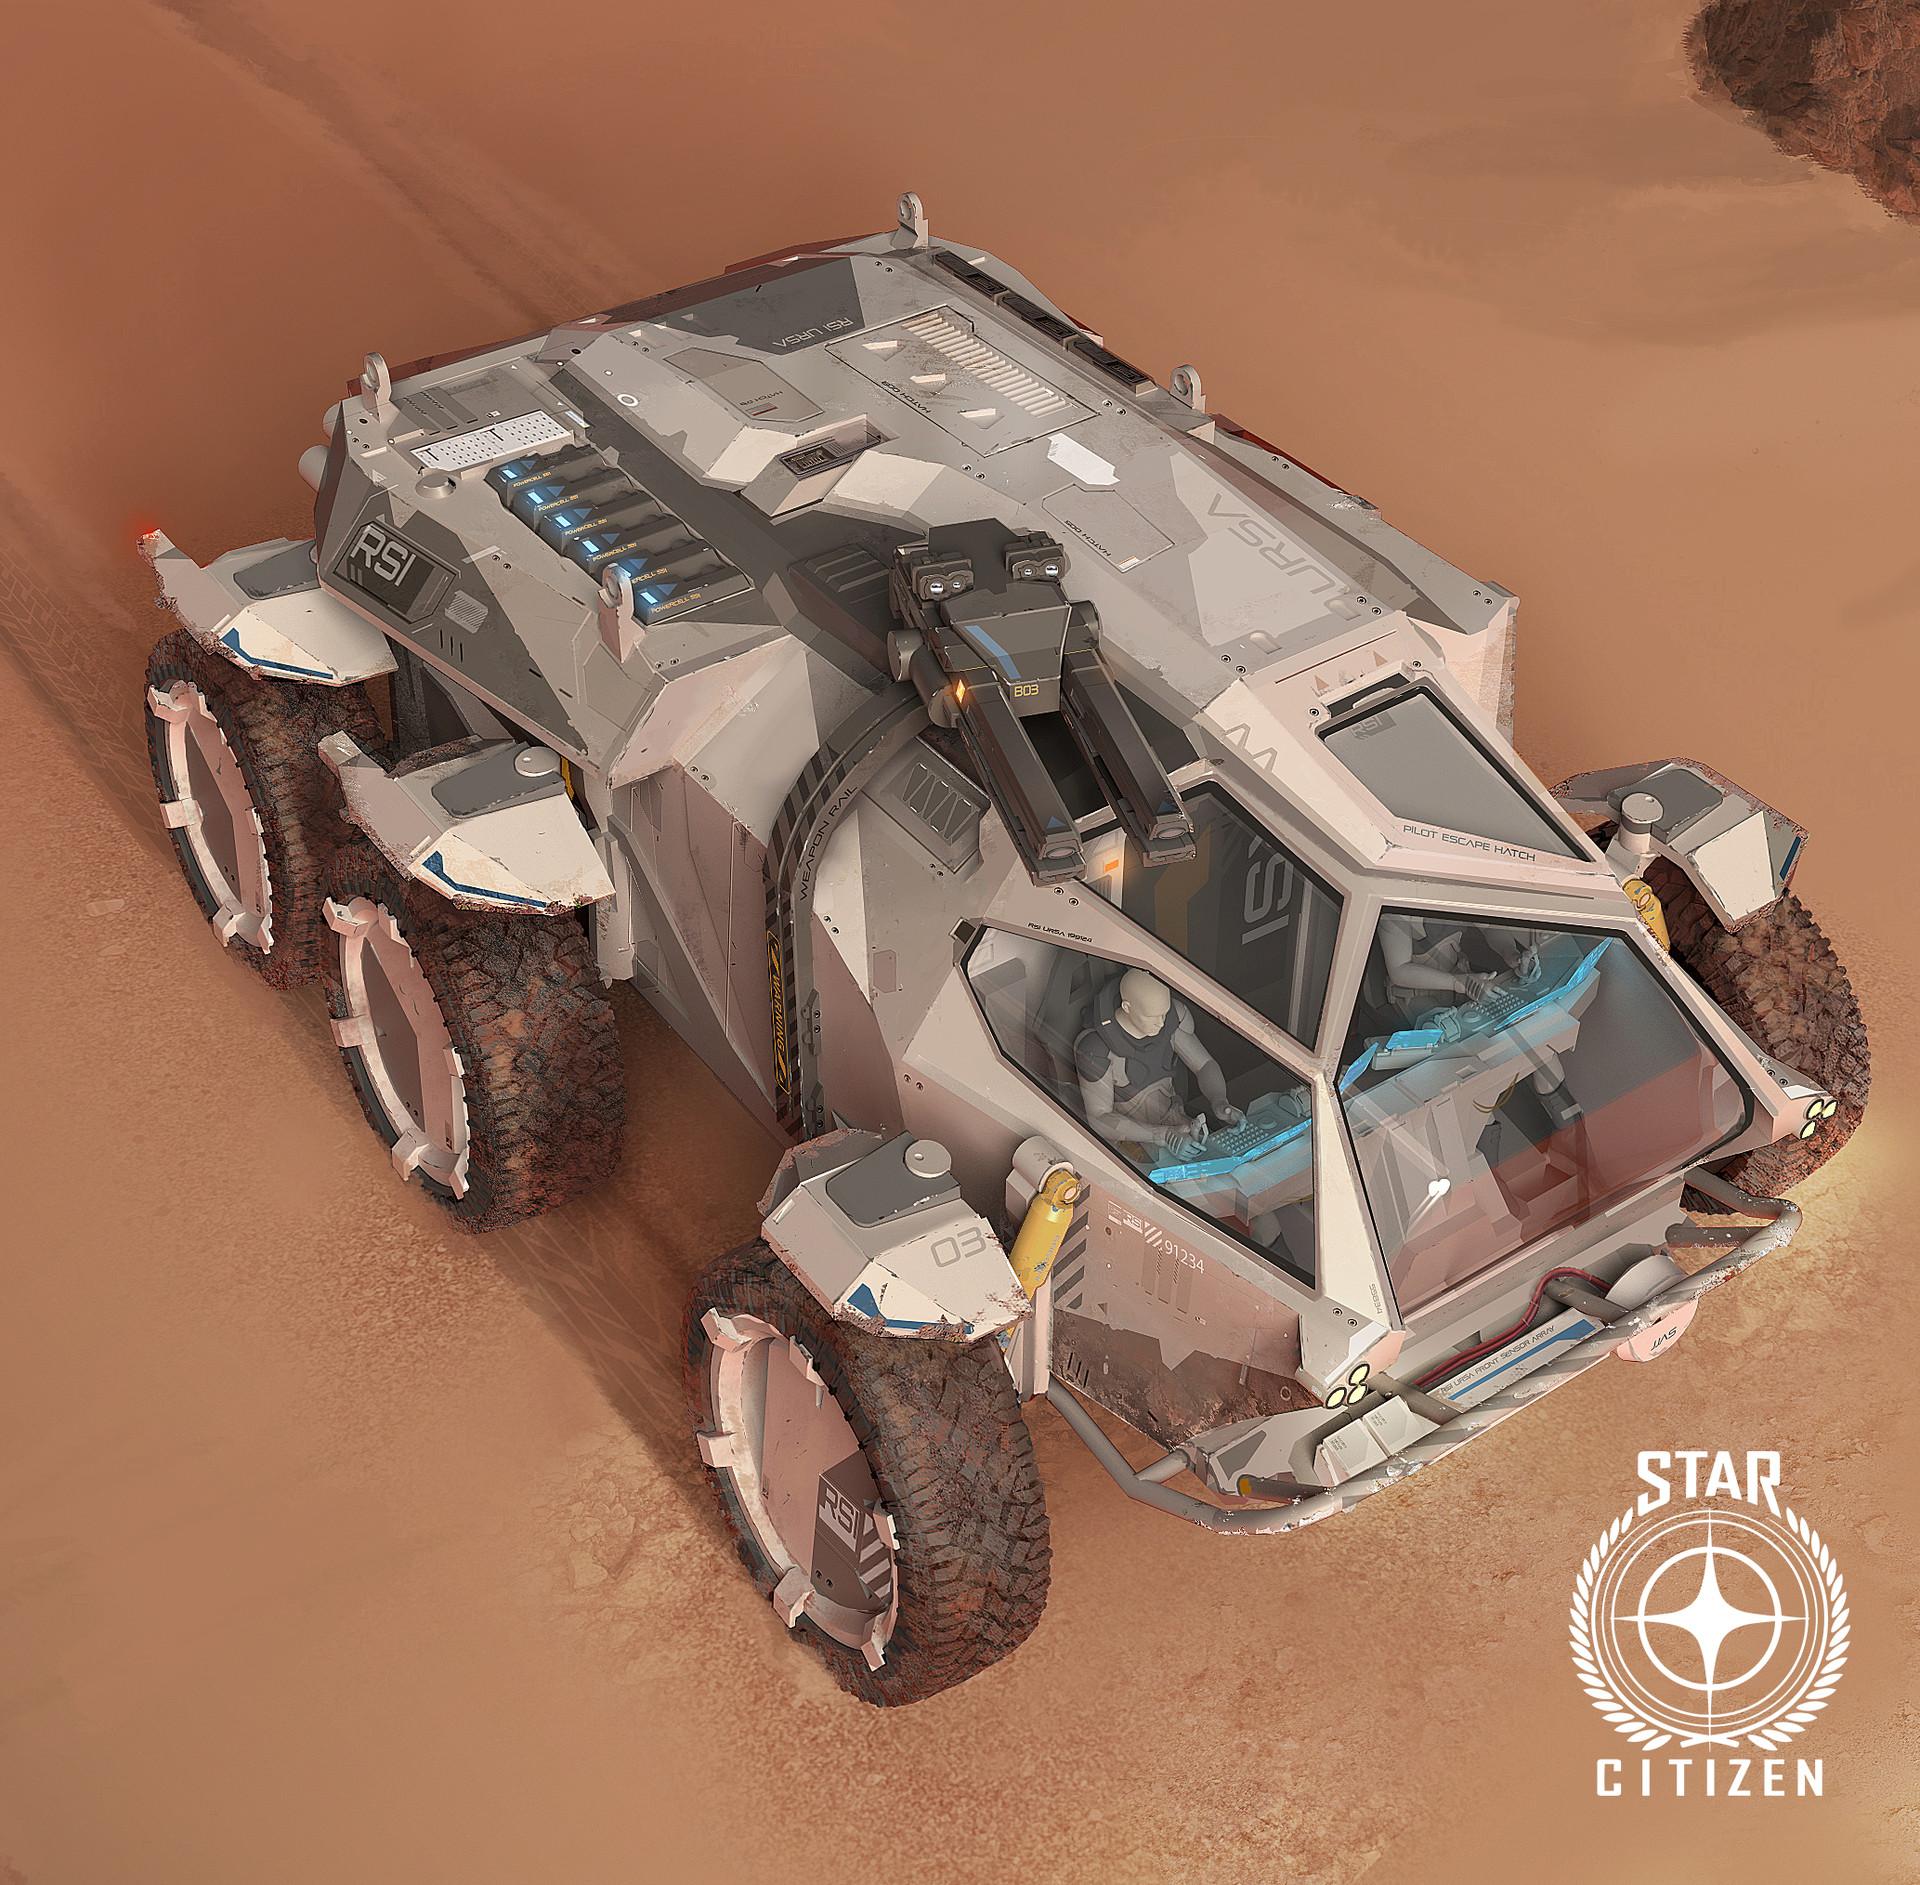 Star Citizen, RSI rover concept